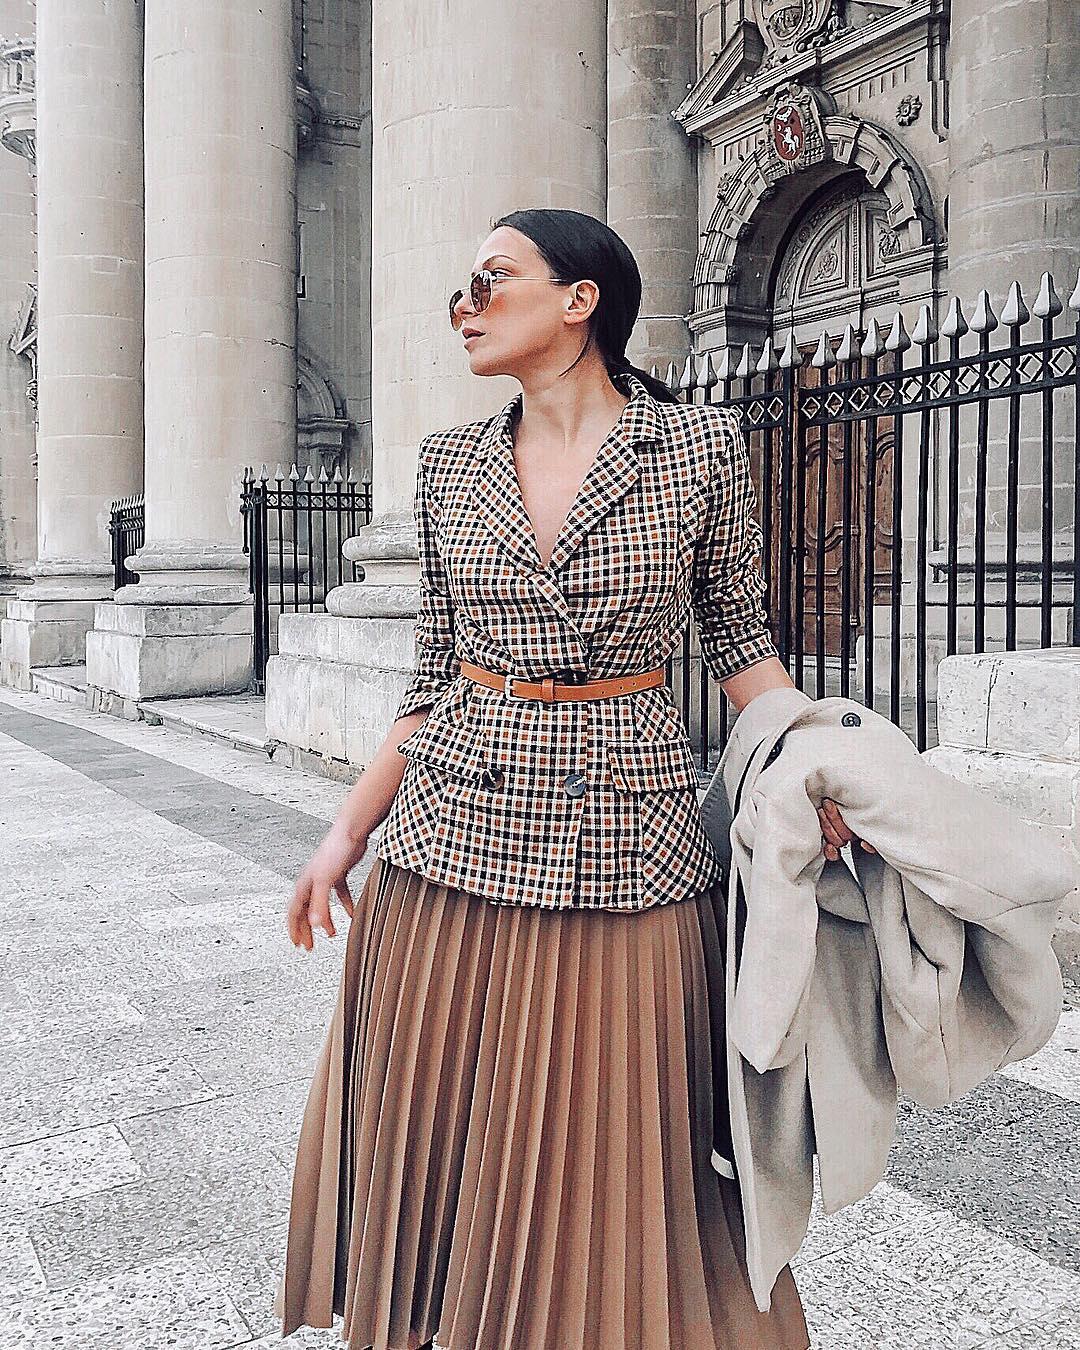 модные образы для деловых женщин осени 2019 фото 3